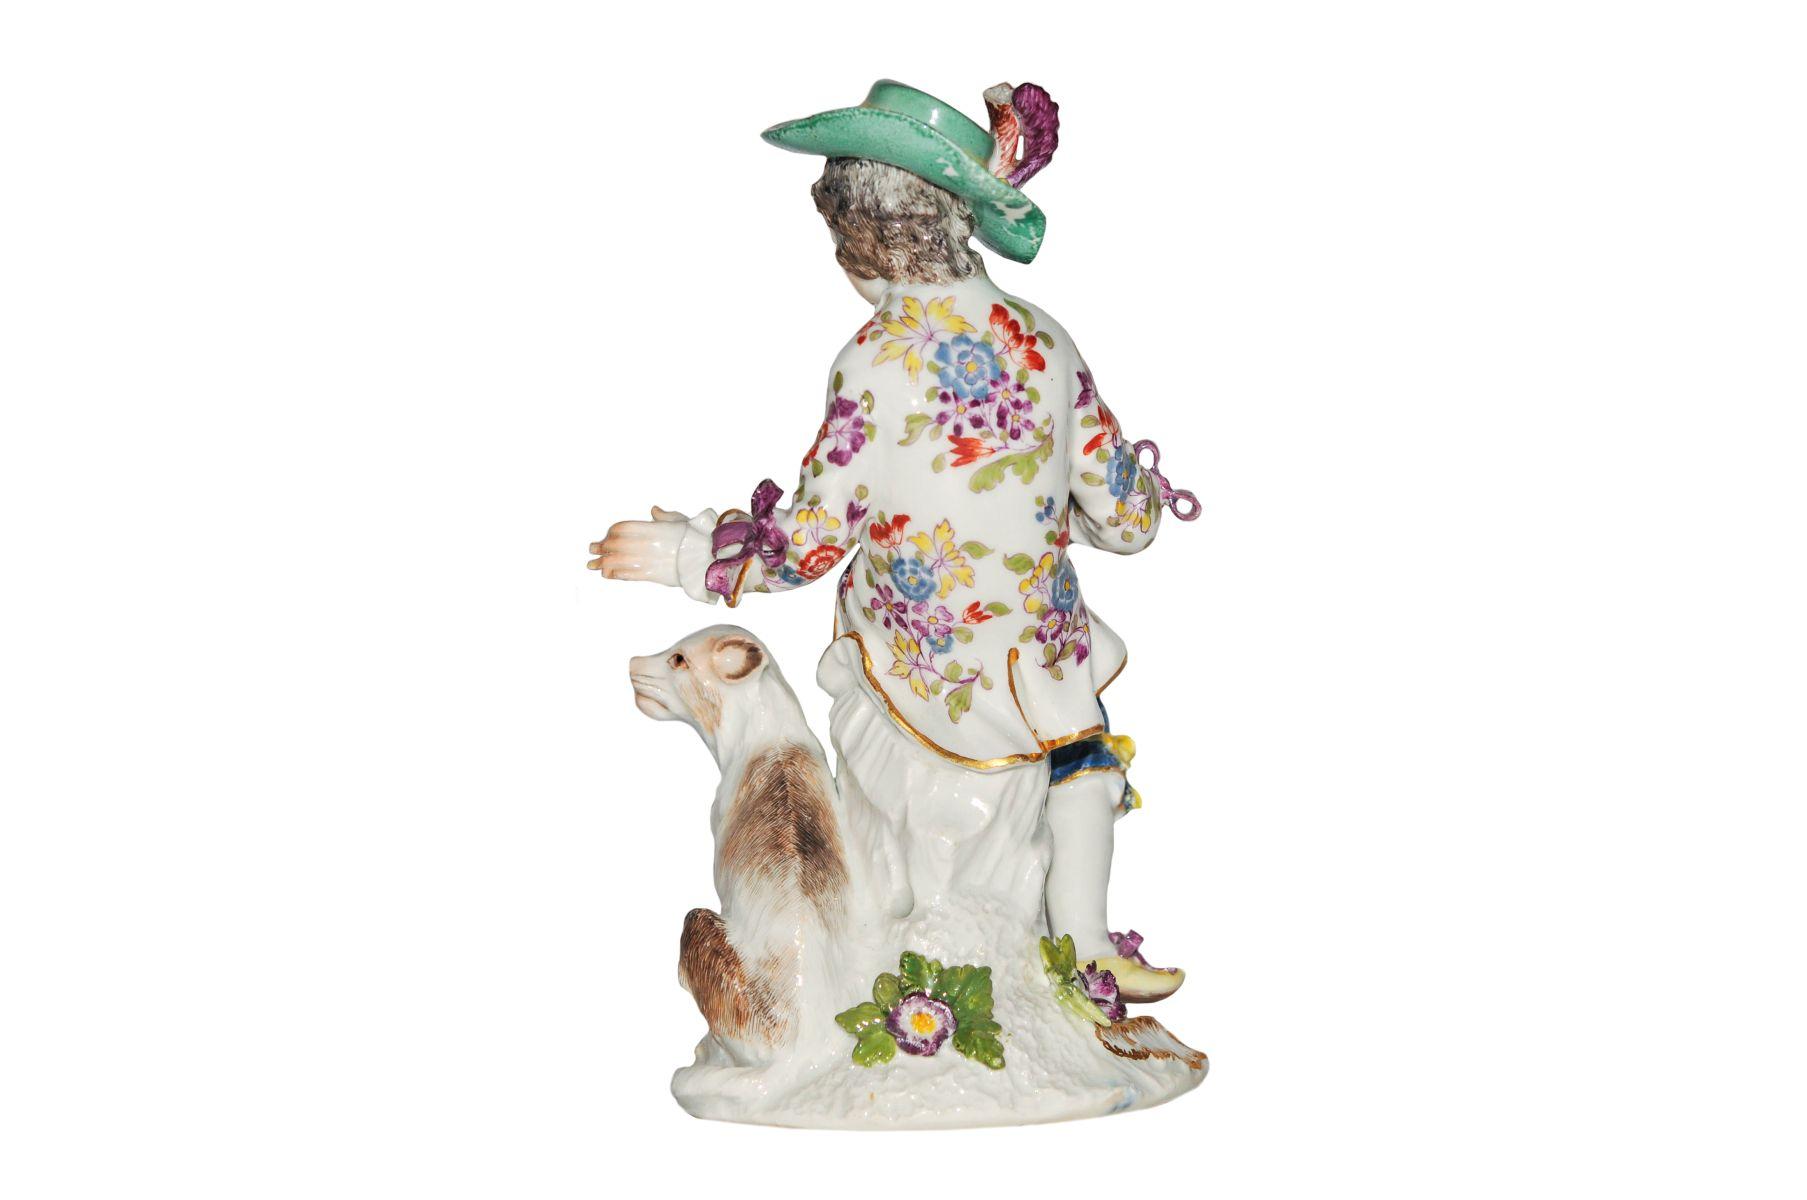 Kavalier mit Hund Meissen 1750 - Bild 2 aus 2